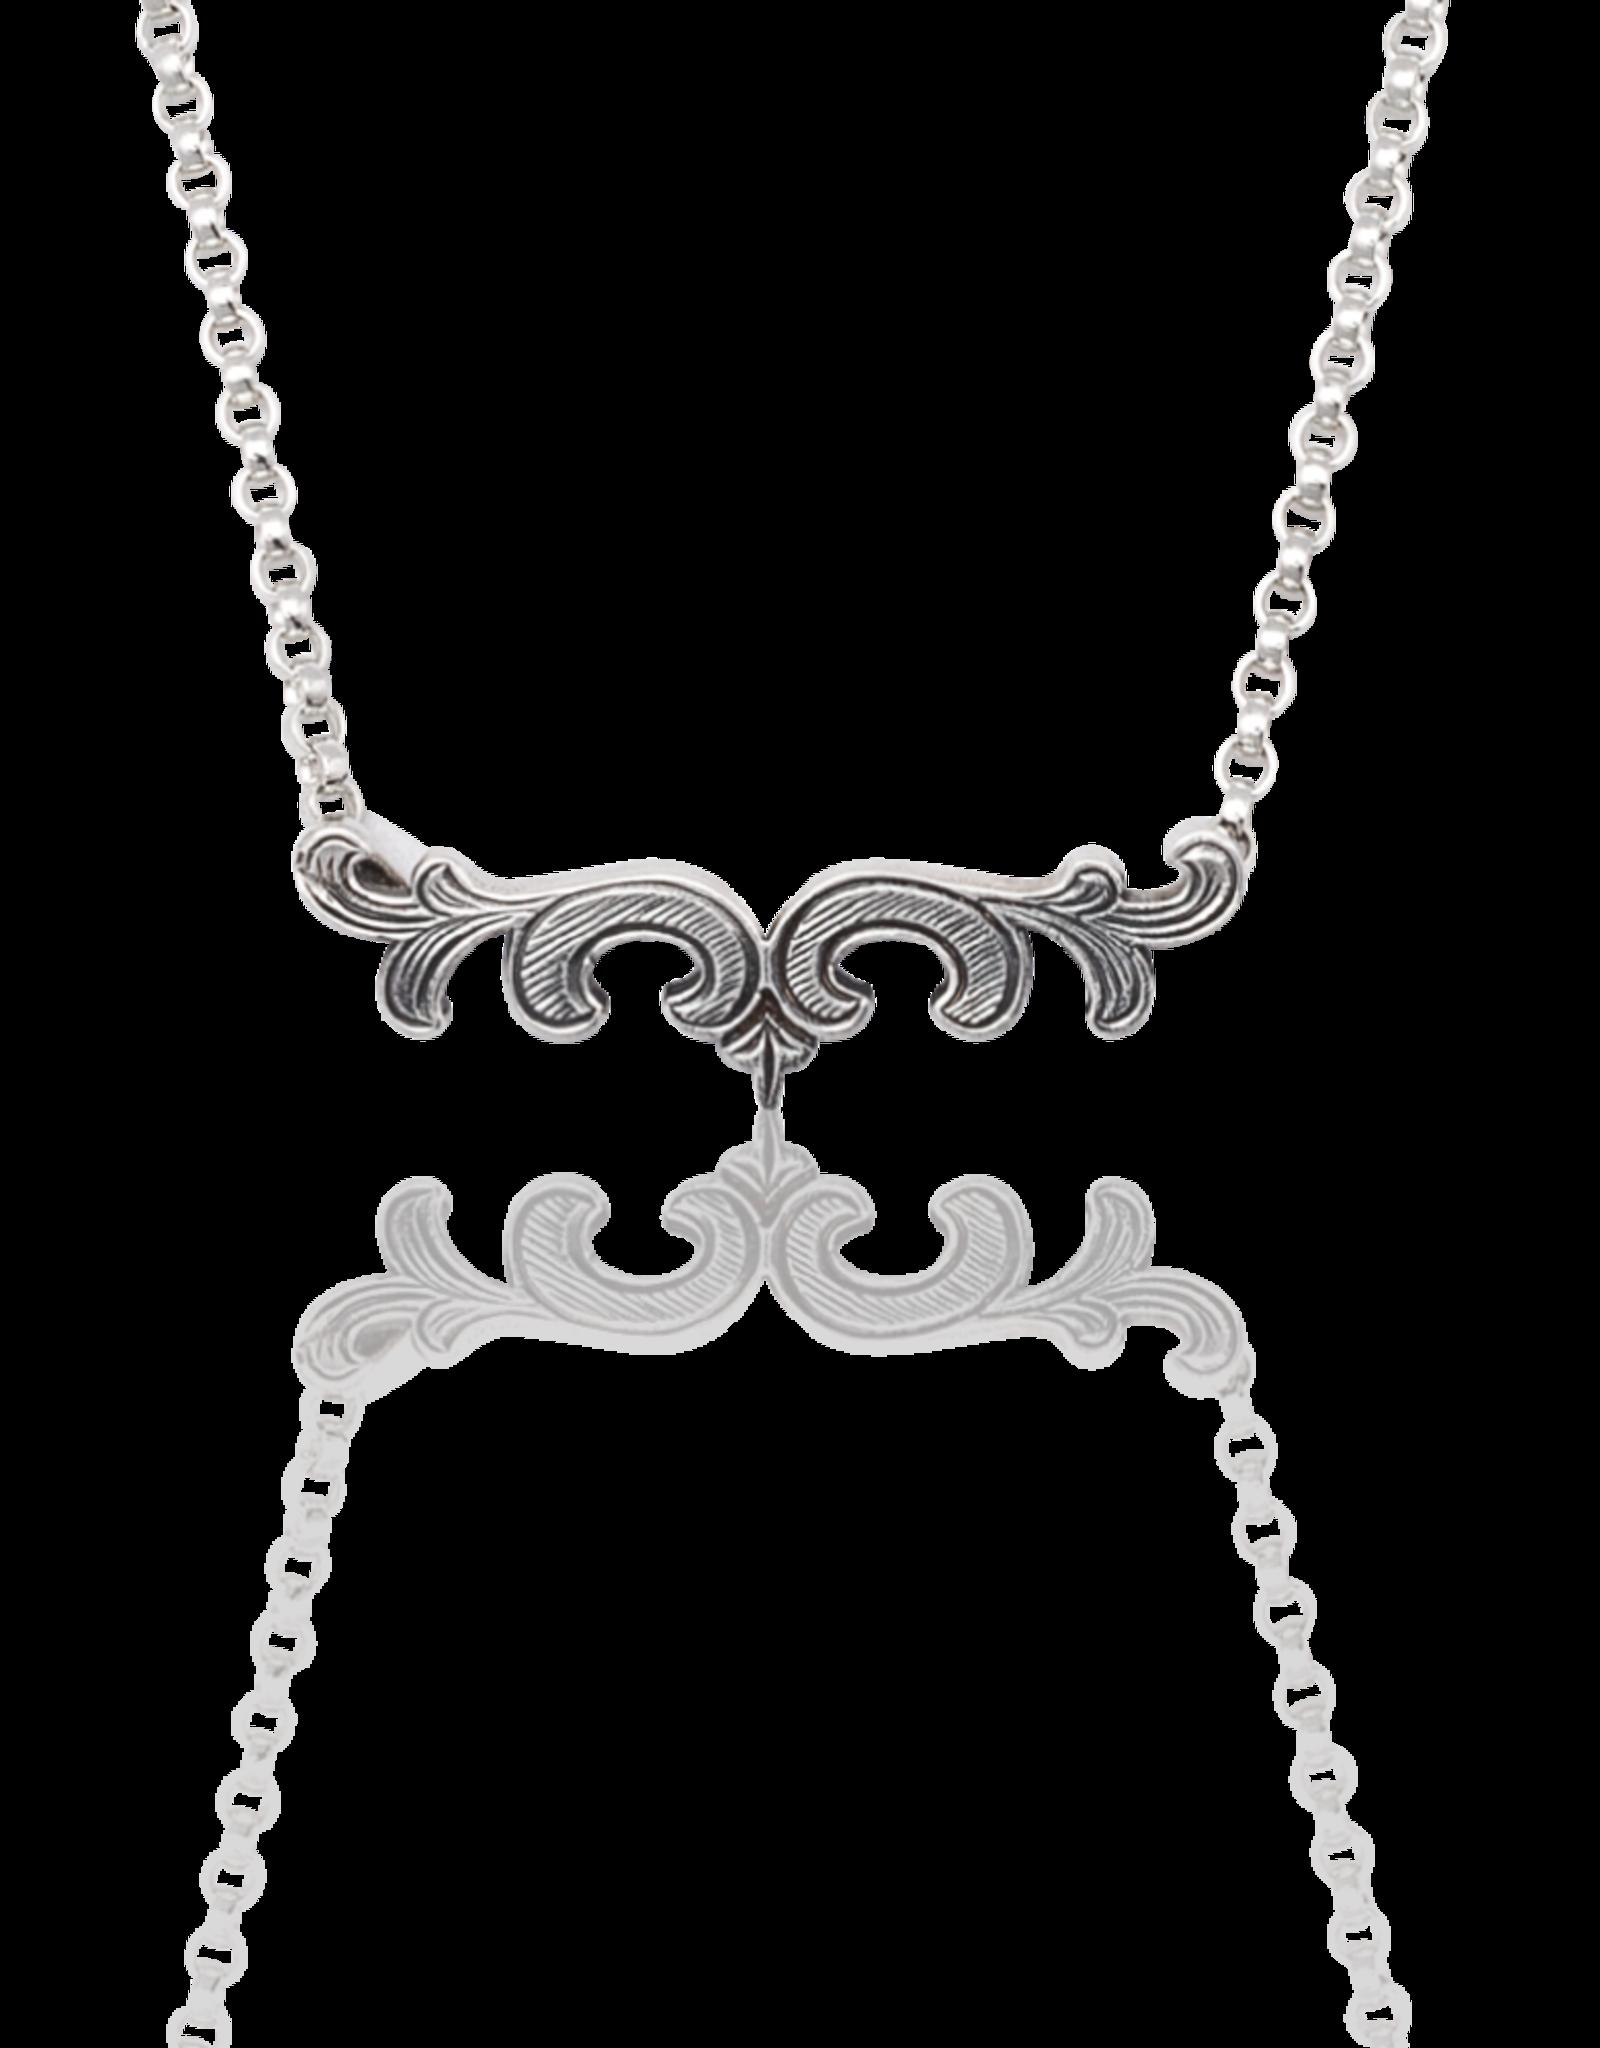 Mignon Faget Mignon Faget Scroll Bar Necklace